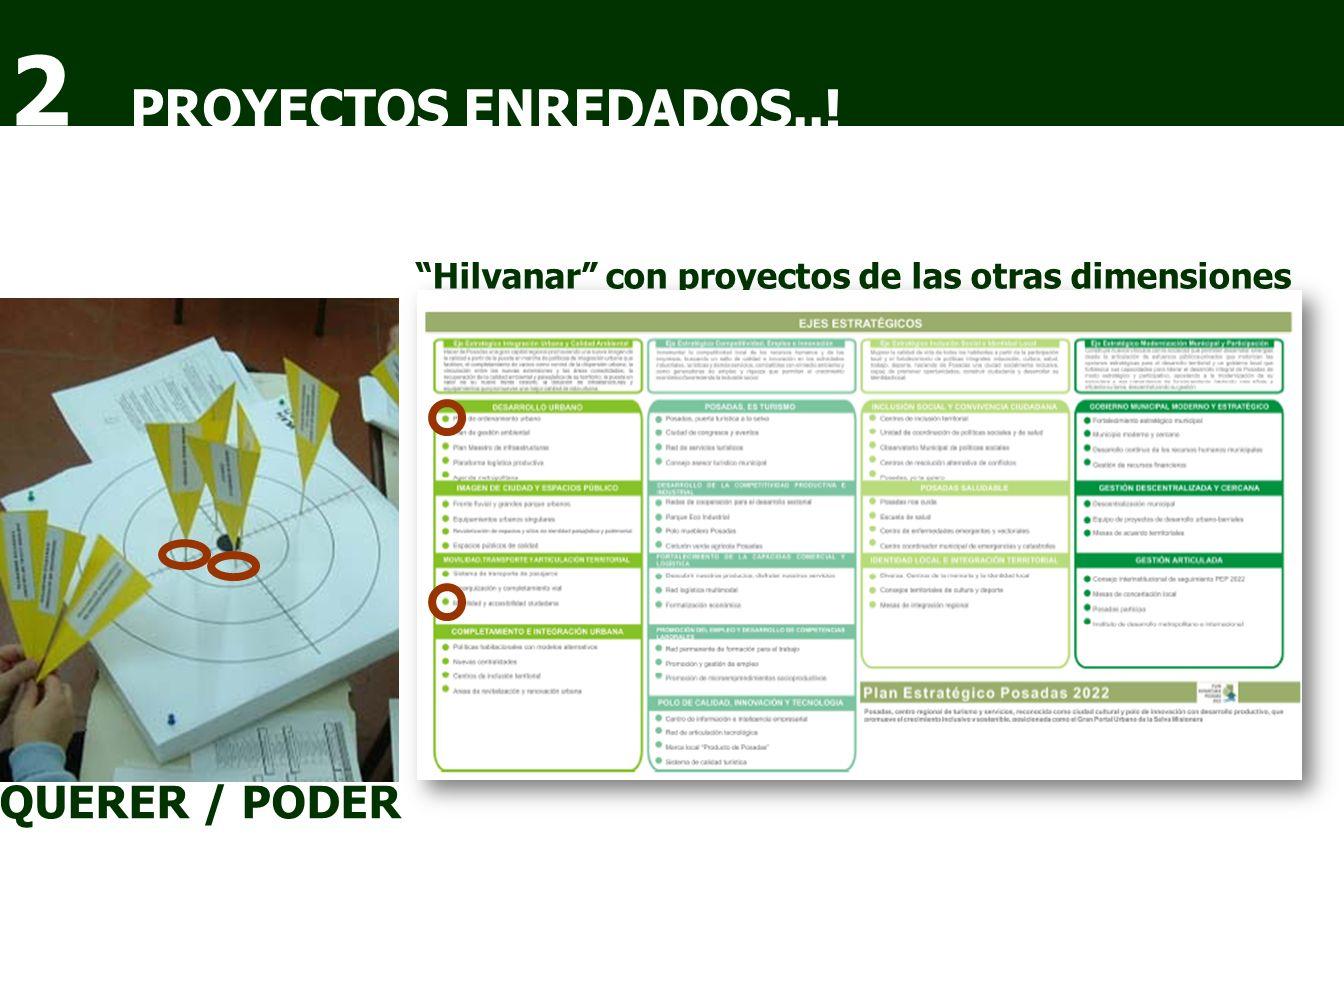 PROYECTOS ENREDADOS..! 2 Hilvanar con proyectos de las otras dimensiones QUERER / PODER